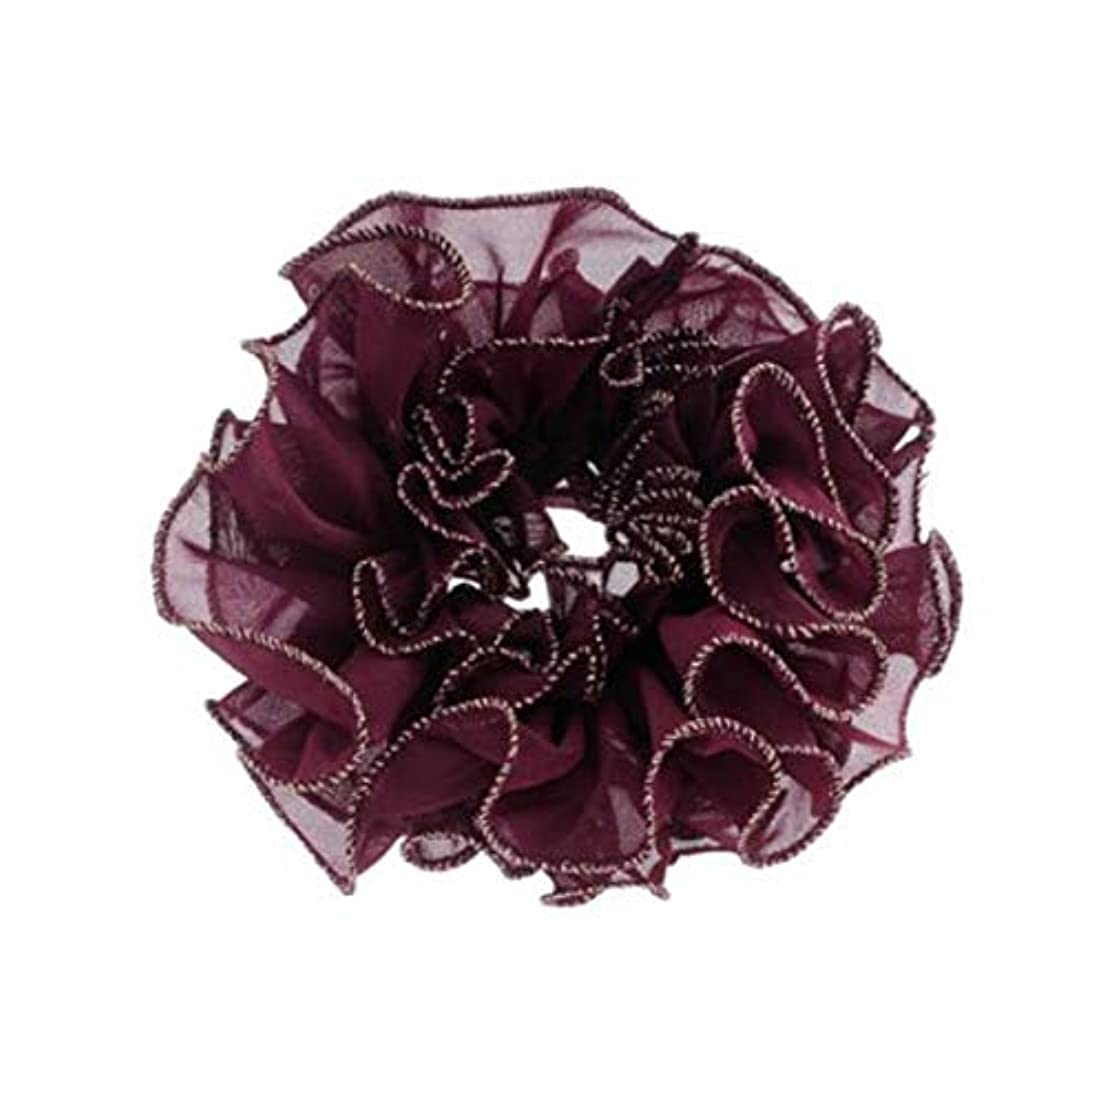 半球はっきりと克服するヘアクリップ、ヘアピン、ヘアグリップ、ヘアグリップ、帽子、ファッションヘアアクセサリー、ヘッド、花、ネクタイ、ヘアロープ、ヘアバンド、ラバーバンド、帽子、A219、ブルゴーニュ、ネイビー、グレー、ブラック (Color...